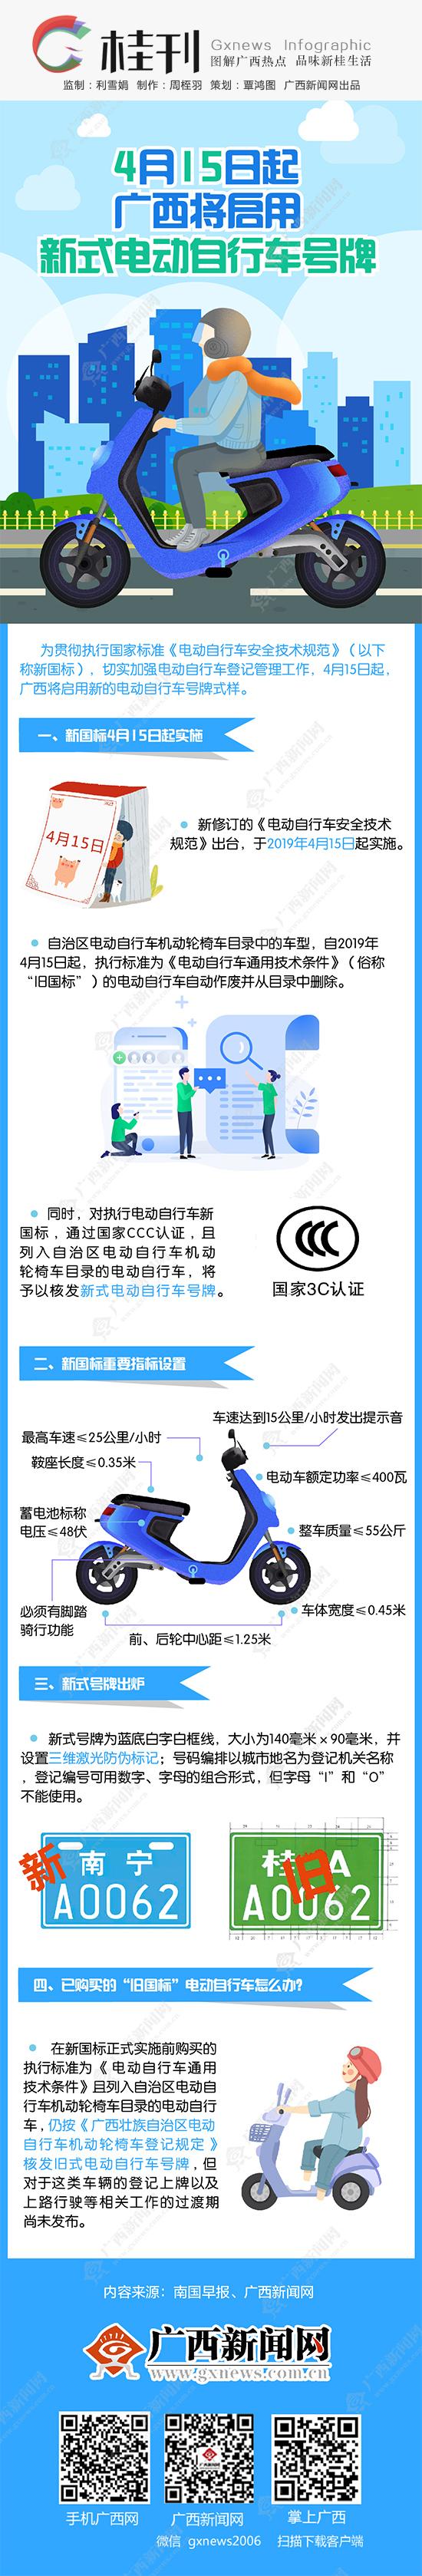 """【桂刊】""""新國標""""來了!廣西將啟用新式電動自行車號牌"""